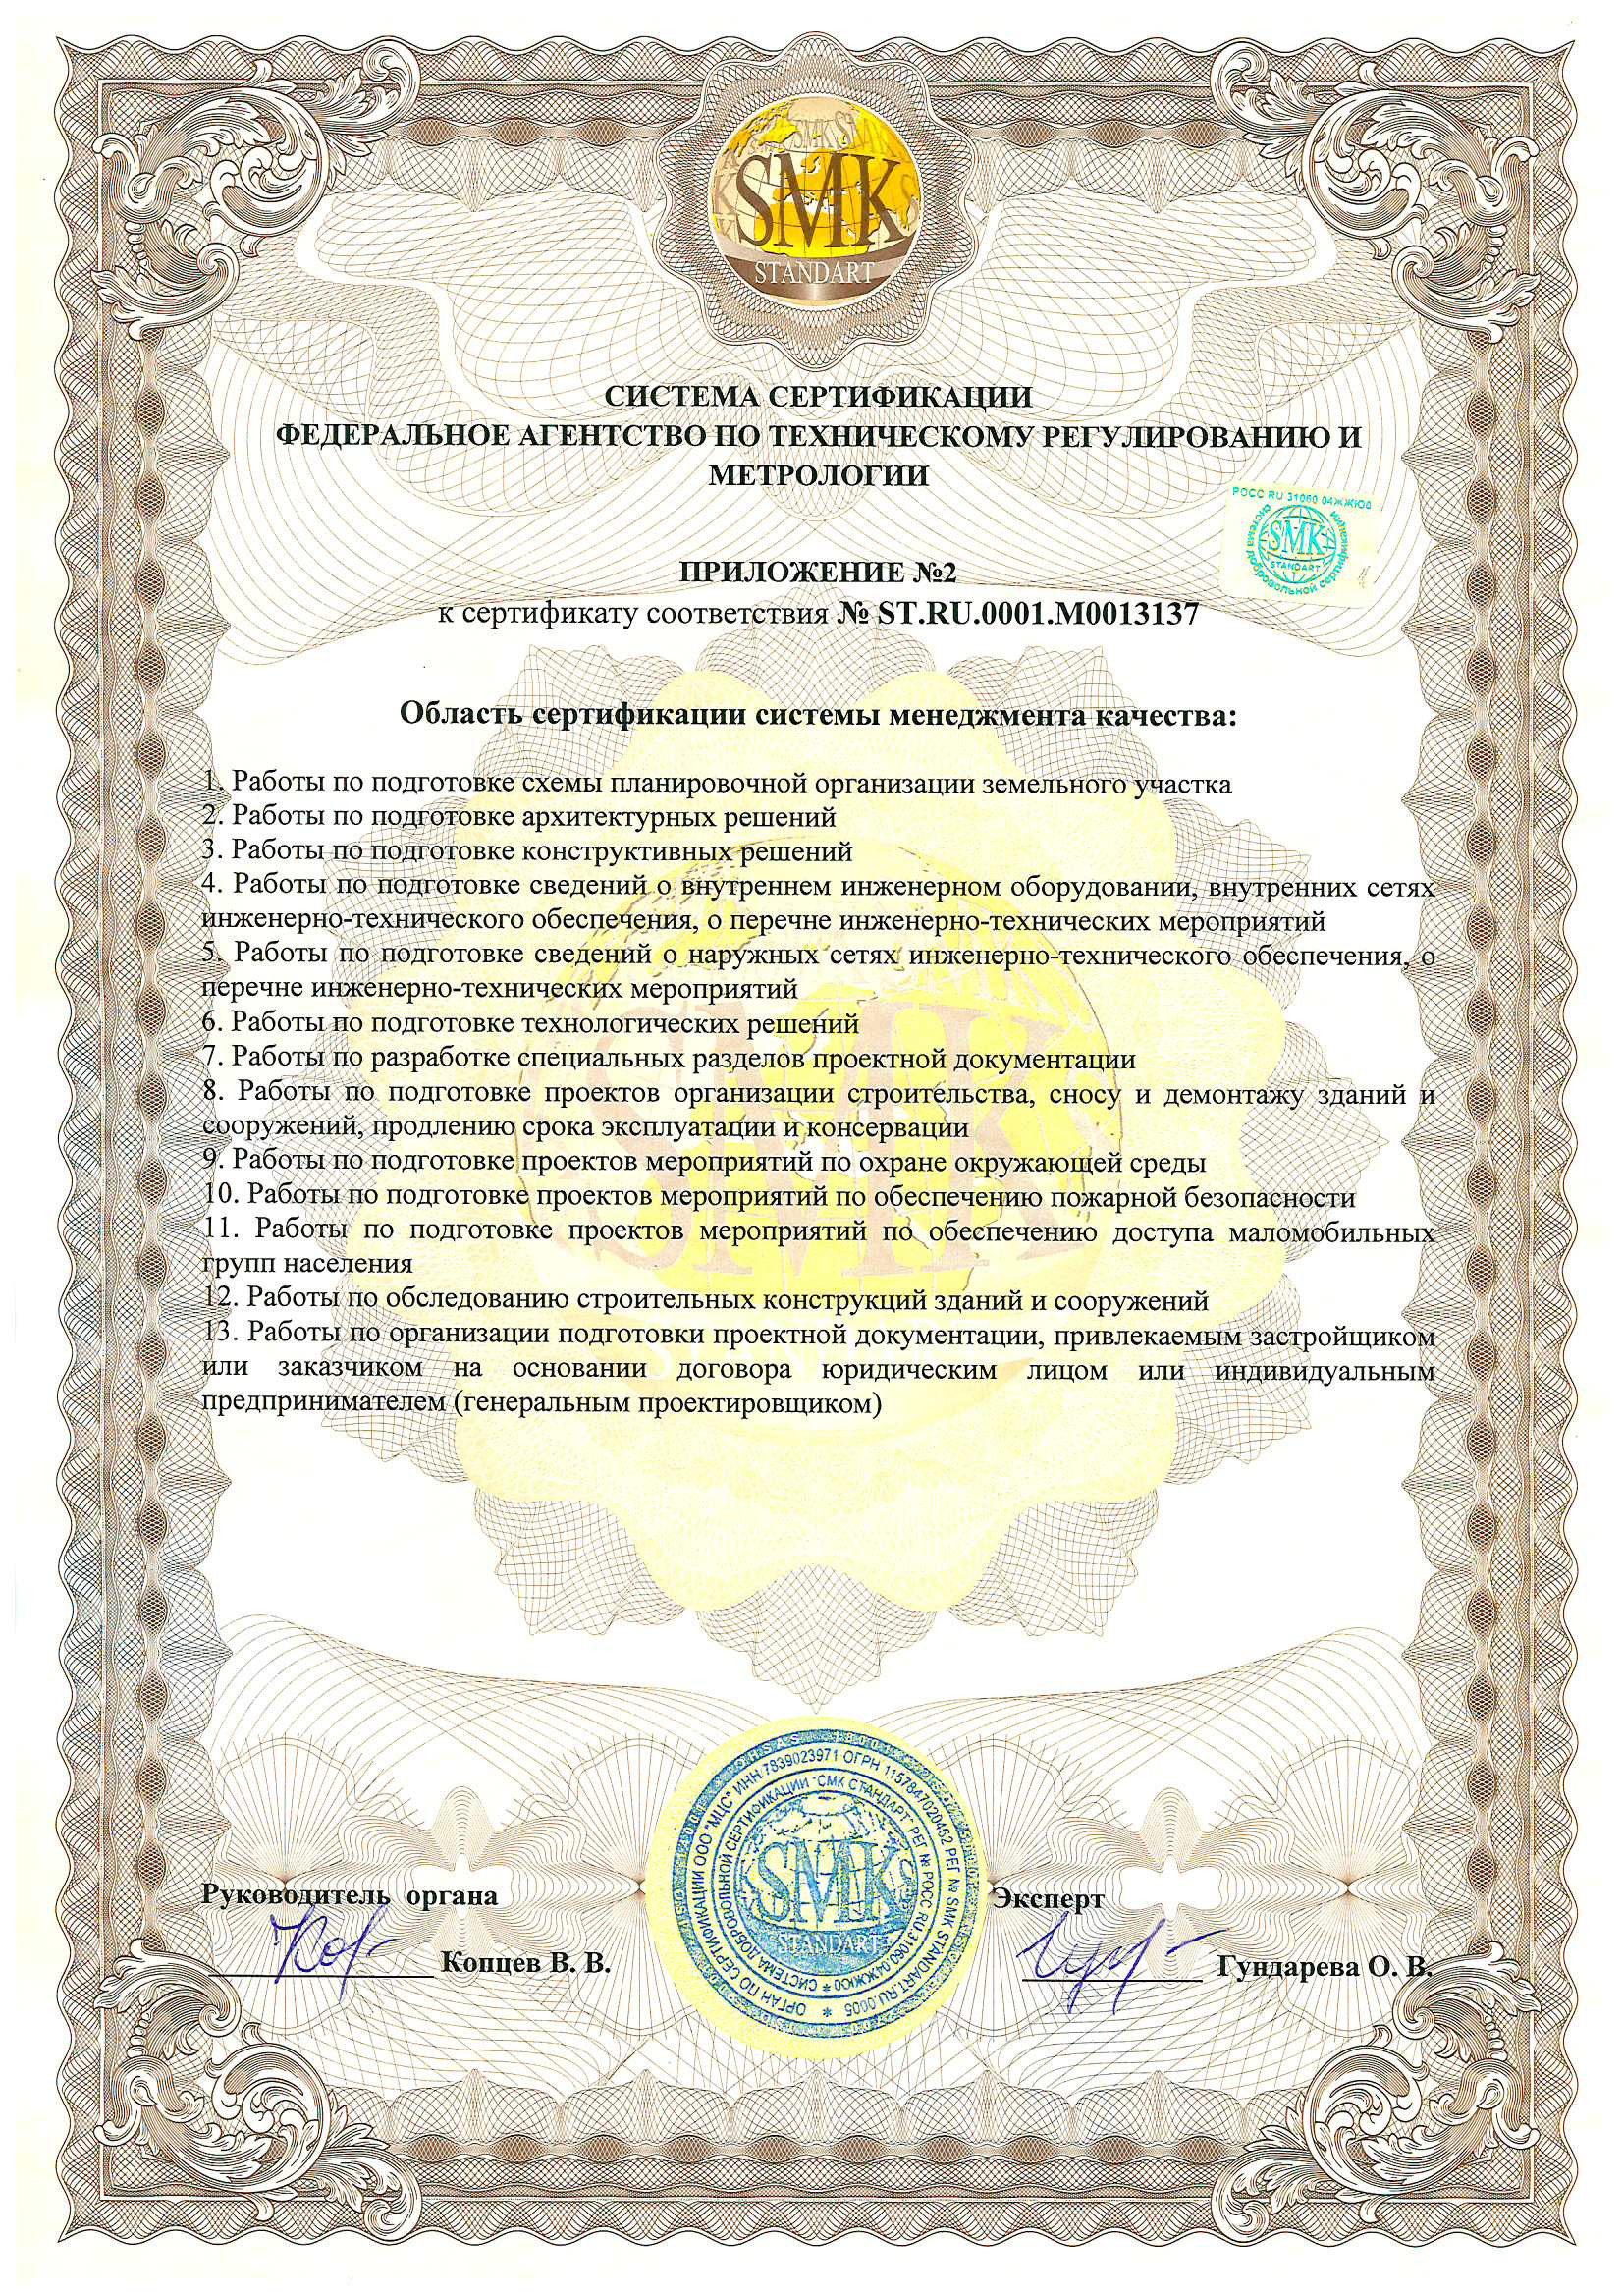 Приложение №2 к сертификату